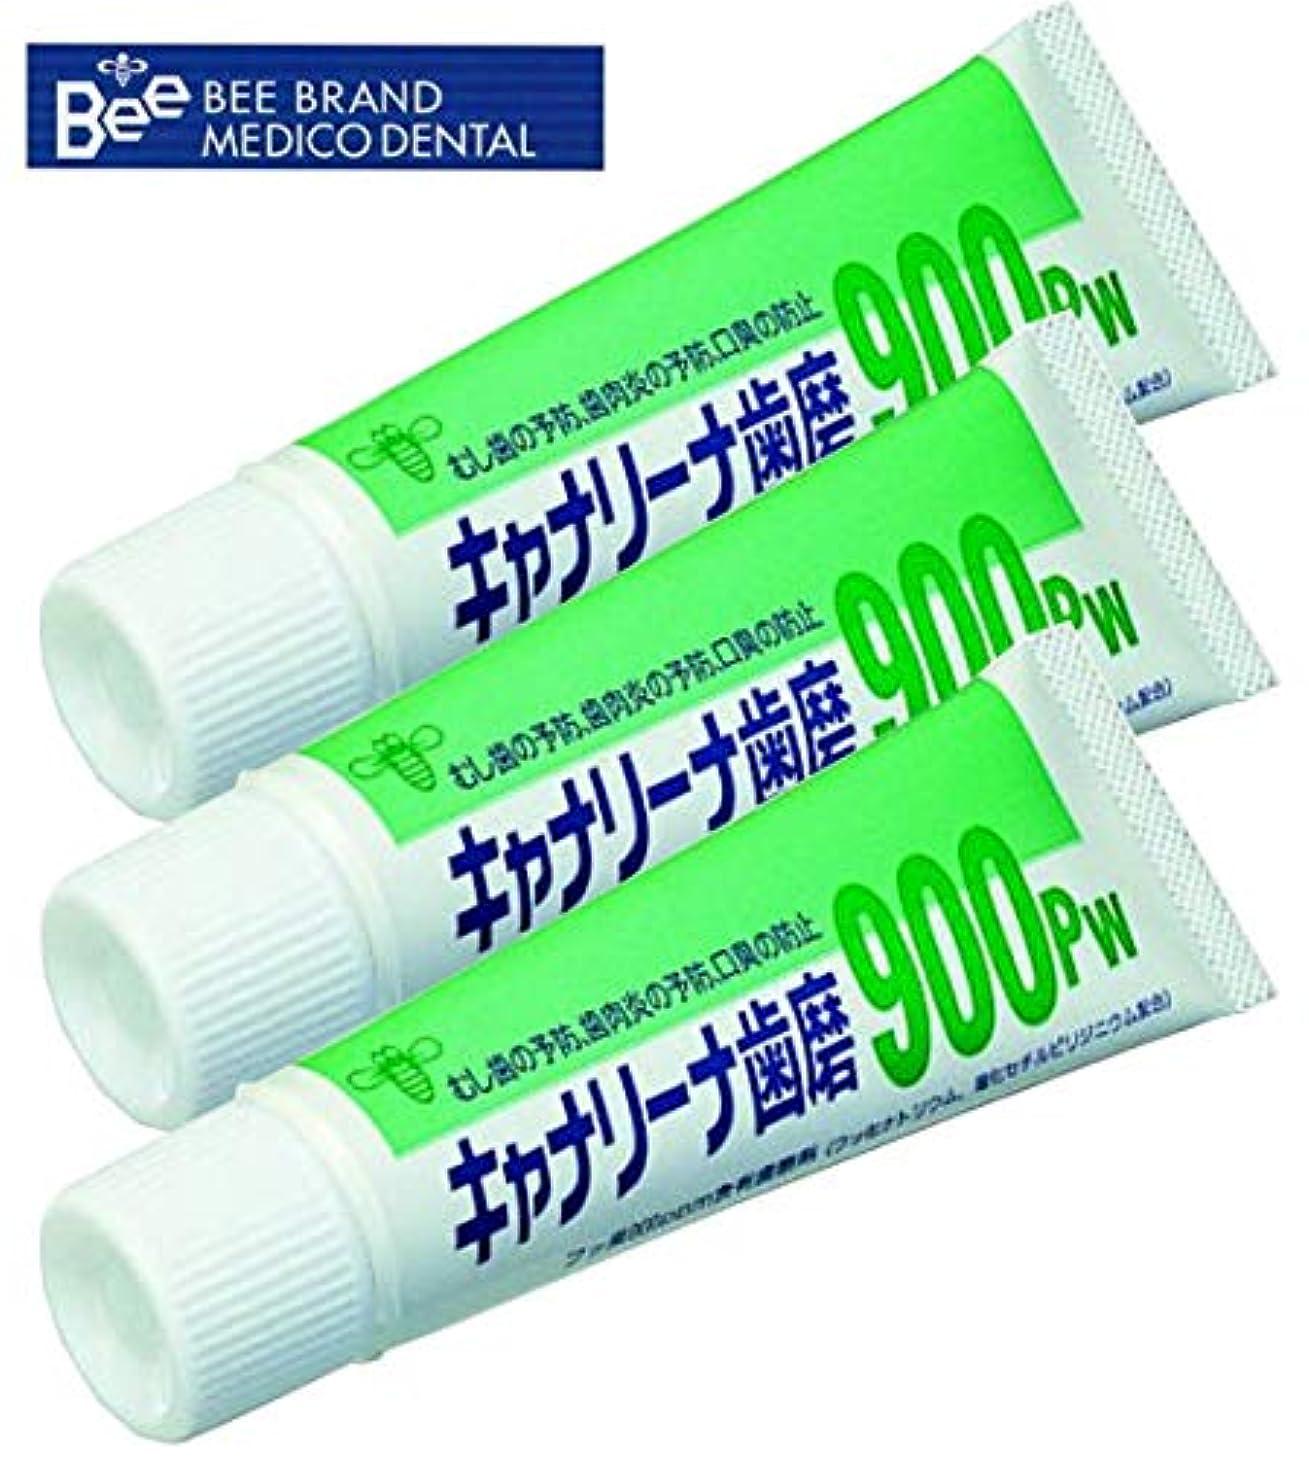 泣き叫ぶ報告書襲撃ビーブランド(BeeBrand) キャナリーナ 歯磨 900Pw × 3本セット 医薬部外品